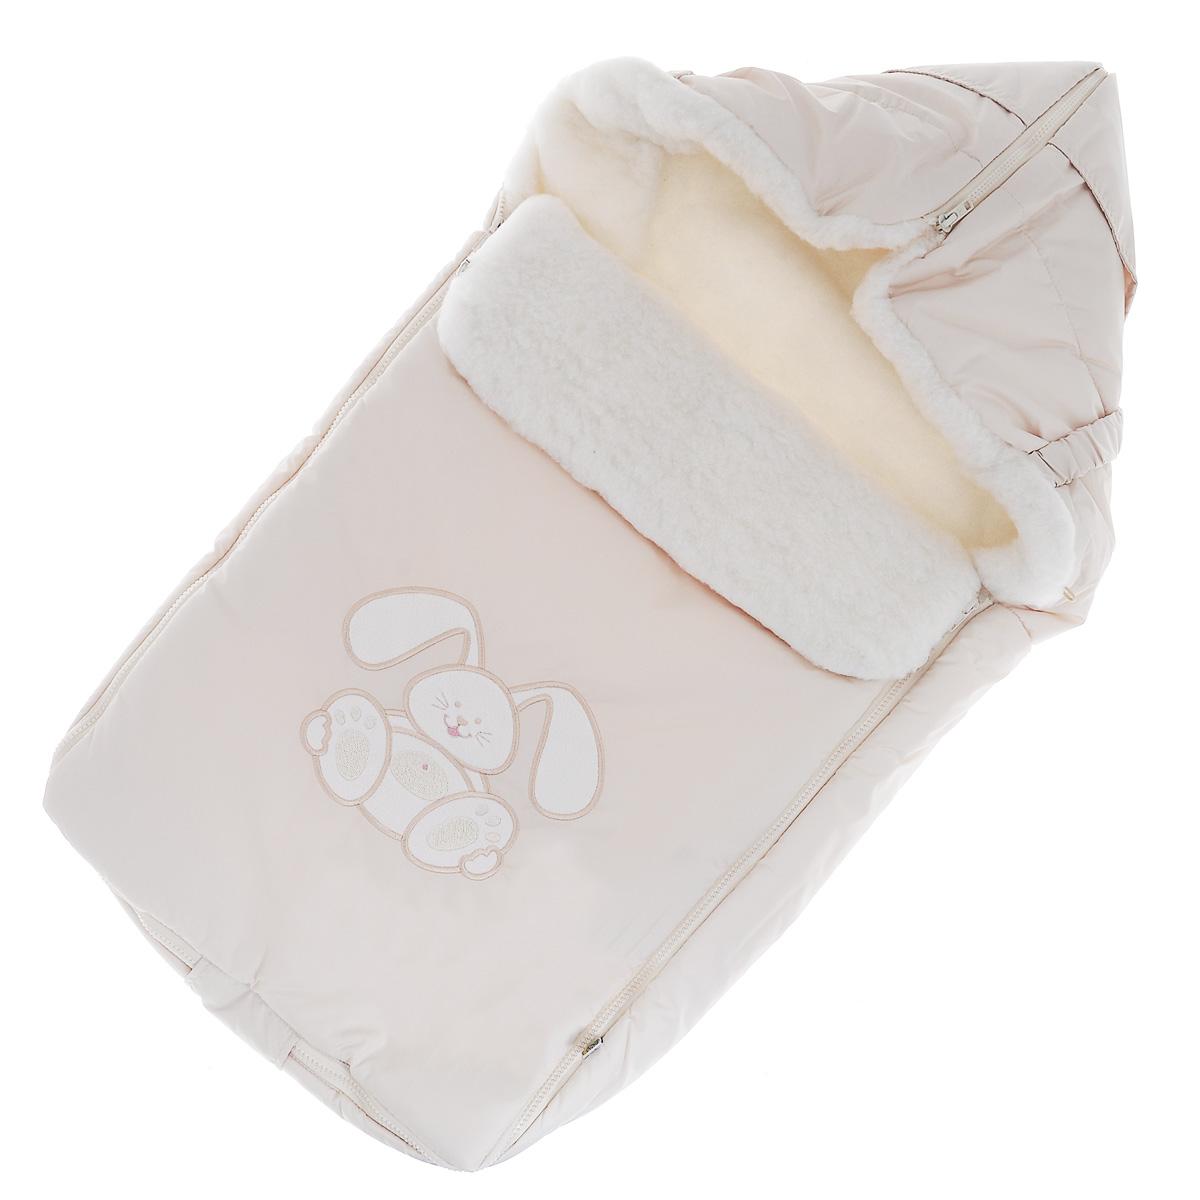 Конверт для новорожденного Зайчик. 969969/1Теплый конверт для новорожденного Сонный Гномик Зайчик идеально подойдет для ребенка в холодное время года. Конверт изготовлен из водоотталкивающей и ветрозащитной ткани Dewspo (100% полиэстер) на подкладке из шерсти с добавлением полиэстера. В качестве утеплителя используется шелтер (100% полиэстер). Шелтер (Shelter) - утеплитель нового поколения с тонкими волокнами. Его более мягкие ячейки лучше удерживают воздух, эффективнее сохраняя тепло. Более частые связи между волокнами делают утеплитель прочным и позволяют сохранить его свойства даже после многократных стирок. Утеплитель шелтер максимально защищает от холода и не стесняет движений. Верхняя часть конверта может использоваться в качестве капюшона в ветреную или холодную погоду и надеваться на спинку коляски благодаря эластичным ремешкам и вставке. С помощью застежки-молнии верх принимает вид треугольного капюшона. Пластиковая застежка-молния по бокам и нижнему краю изделия помогает с легкостью доставать малыша из...